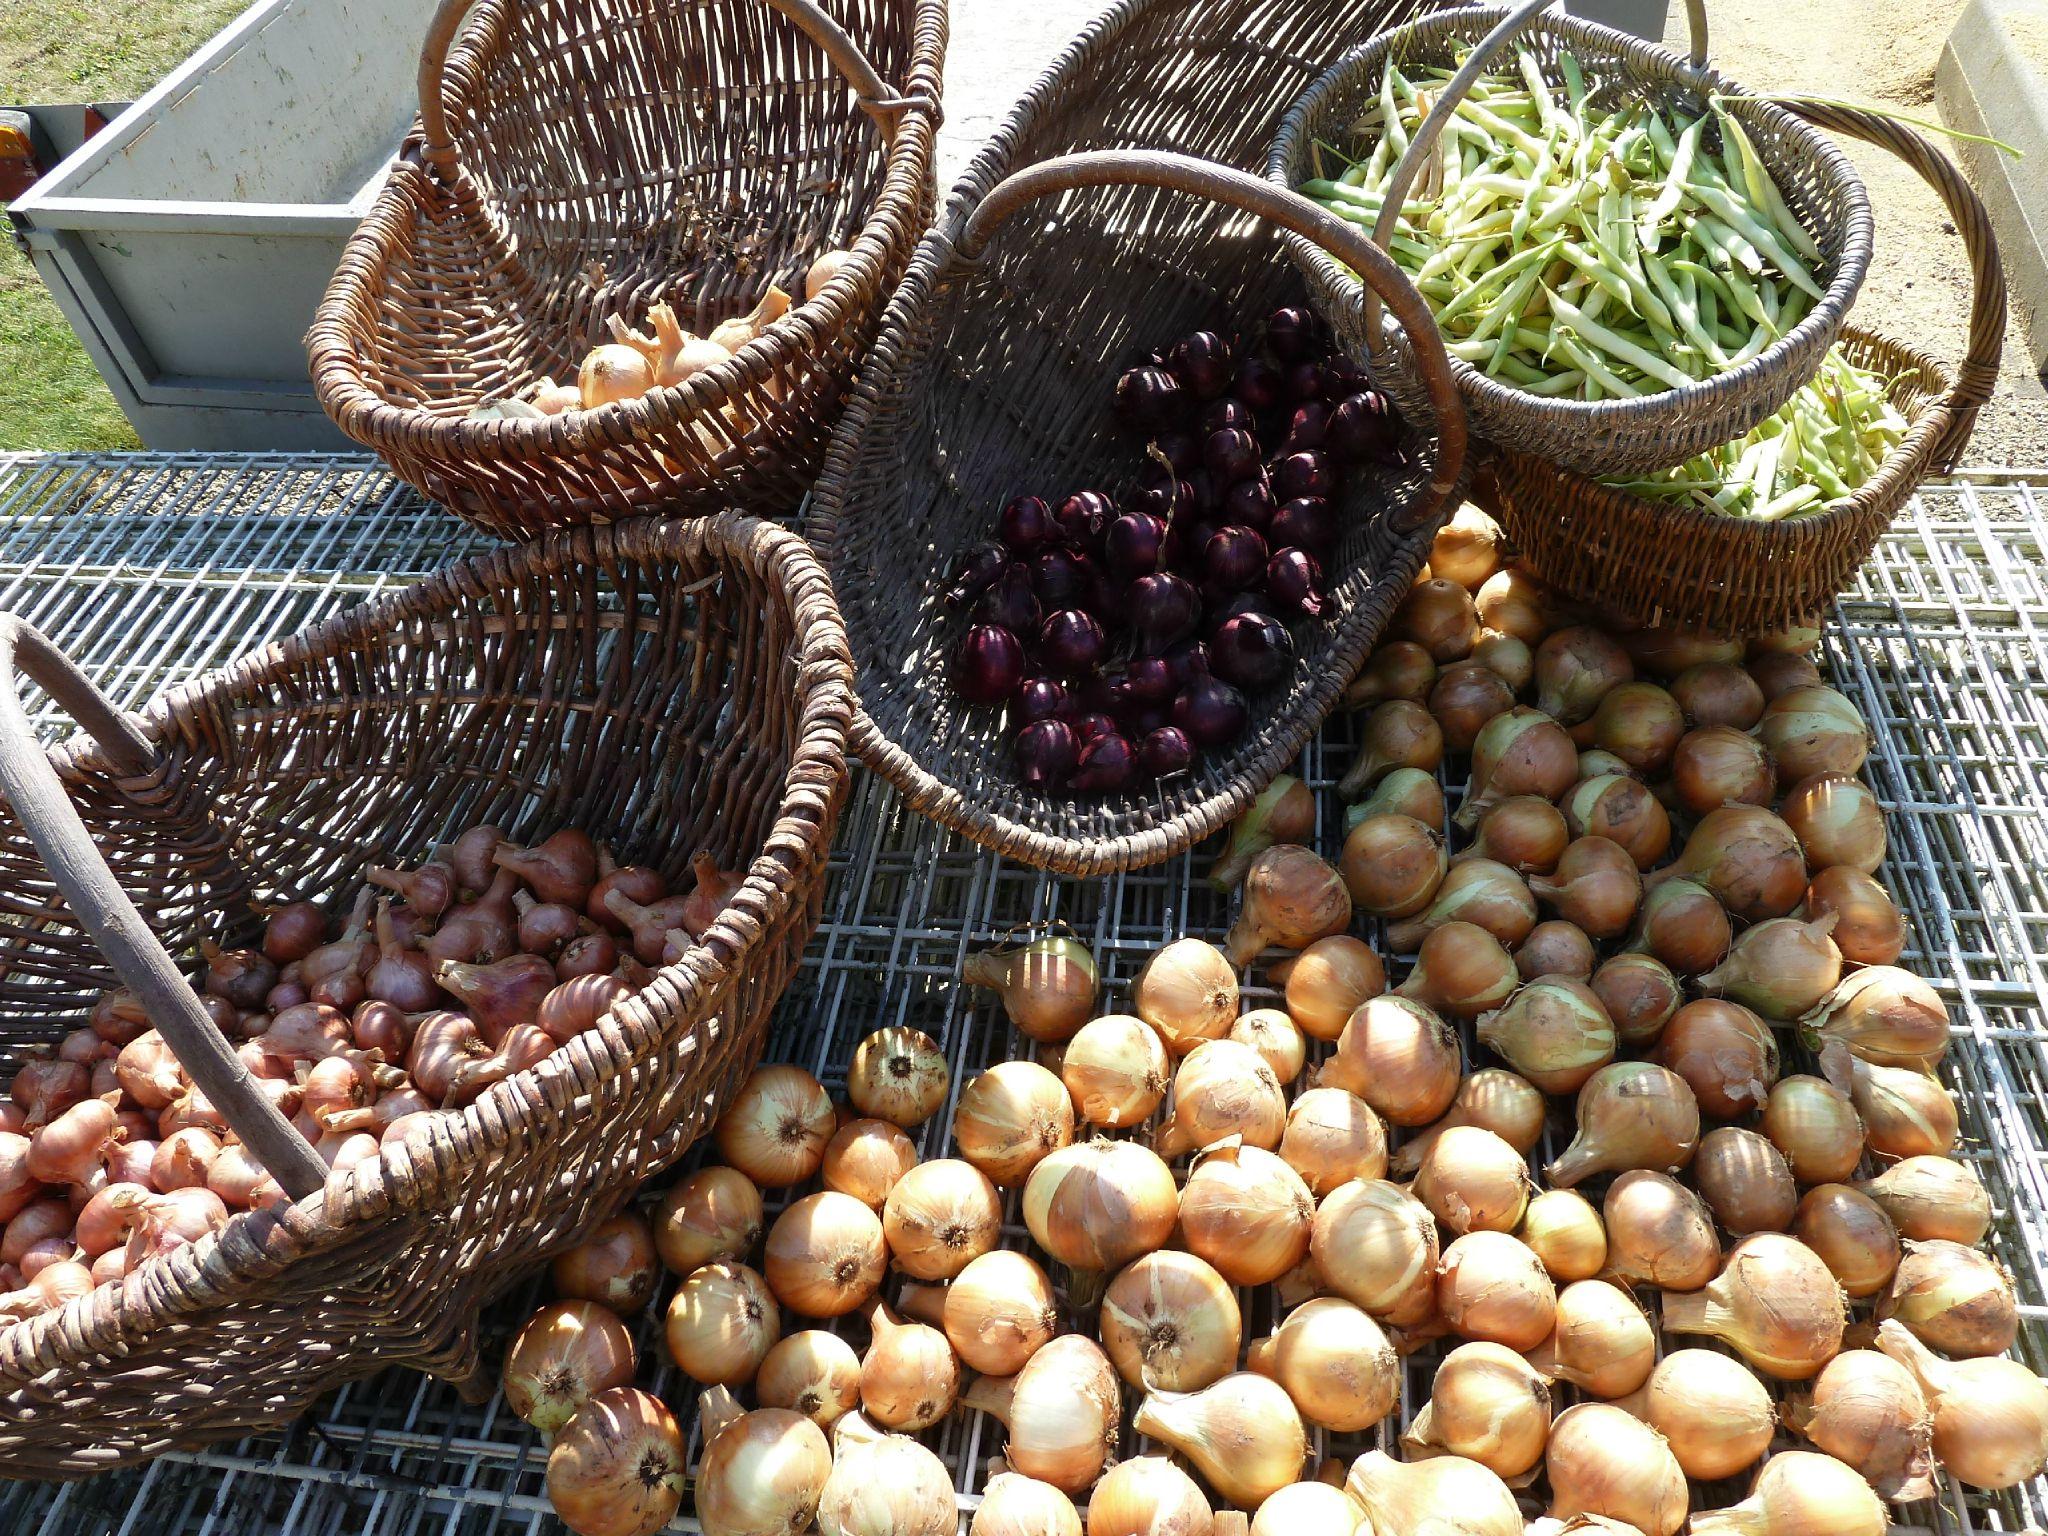 oignons, échalottes, haricots secs www.passionpotager.canalblog.com